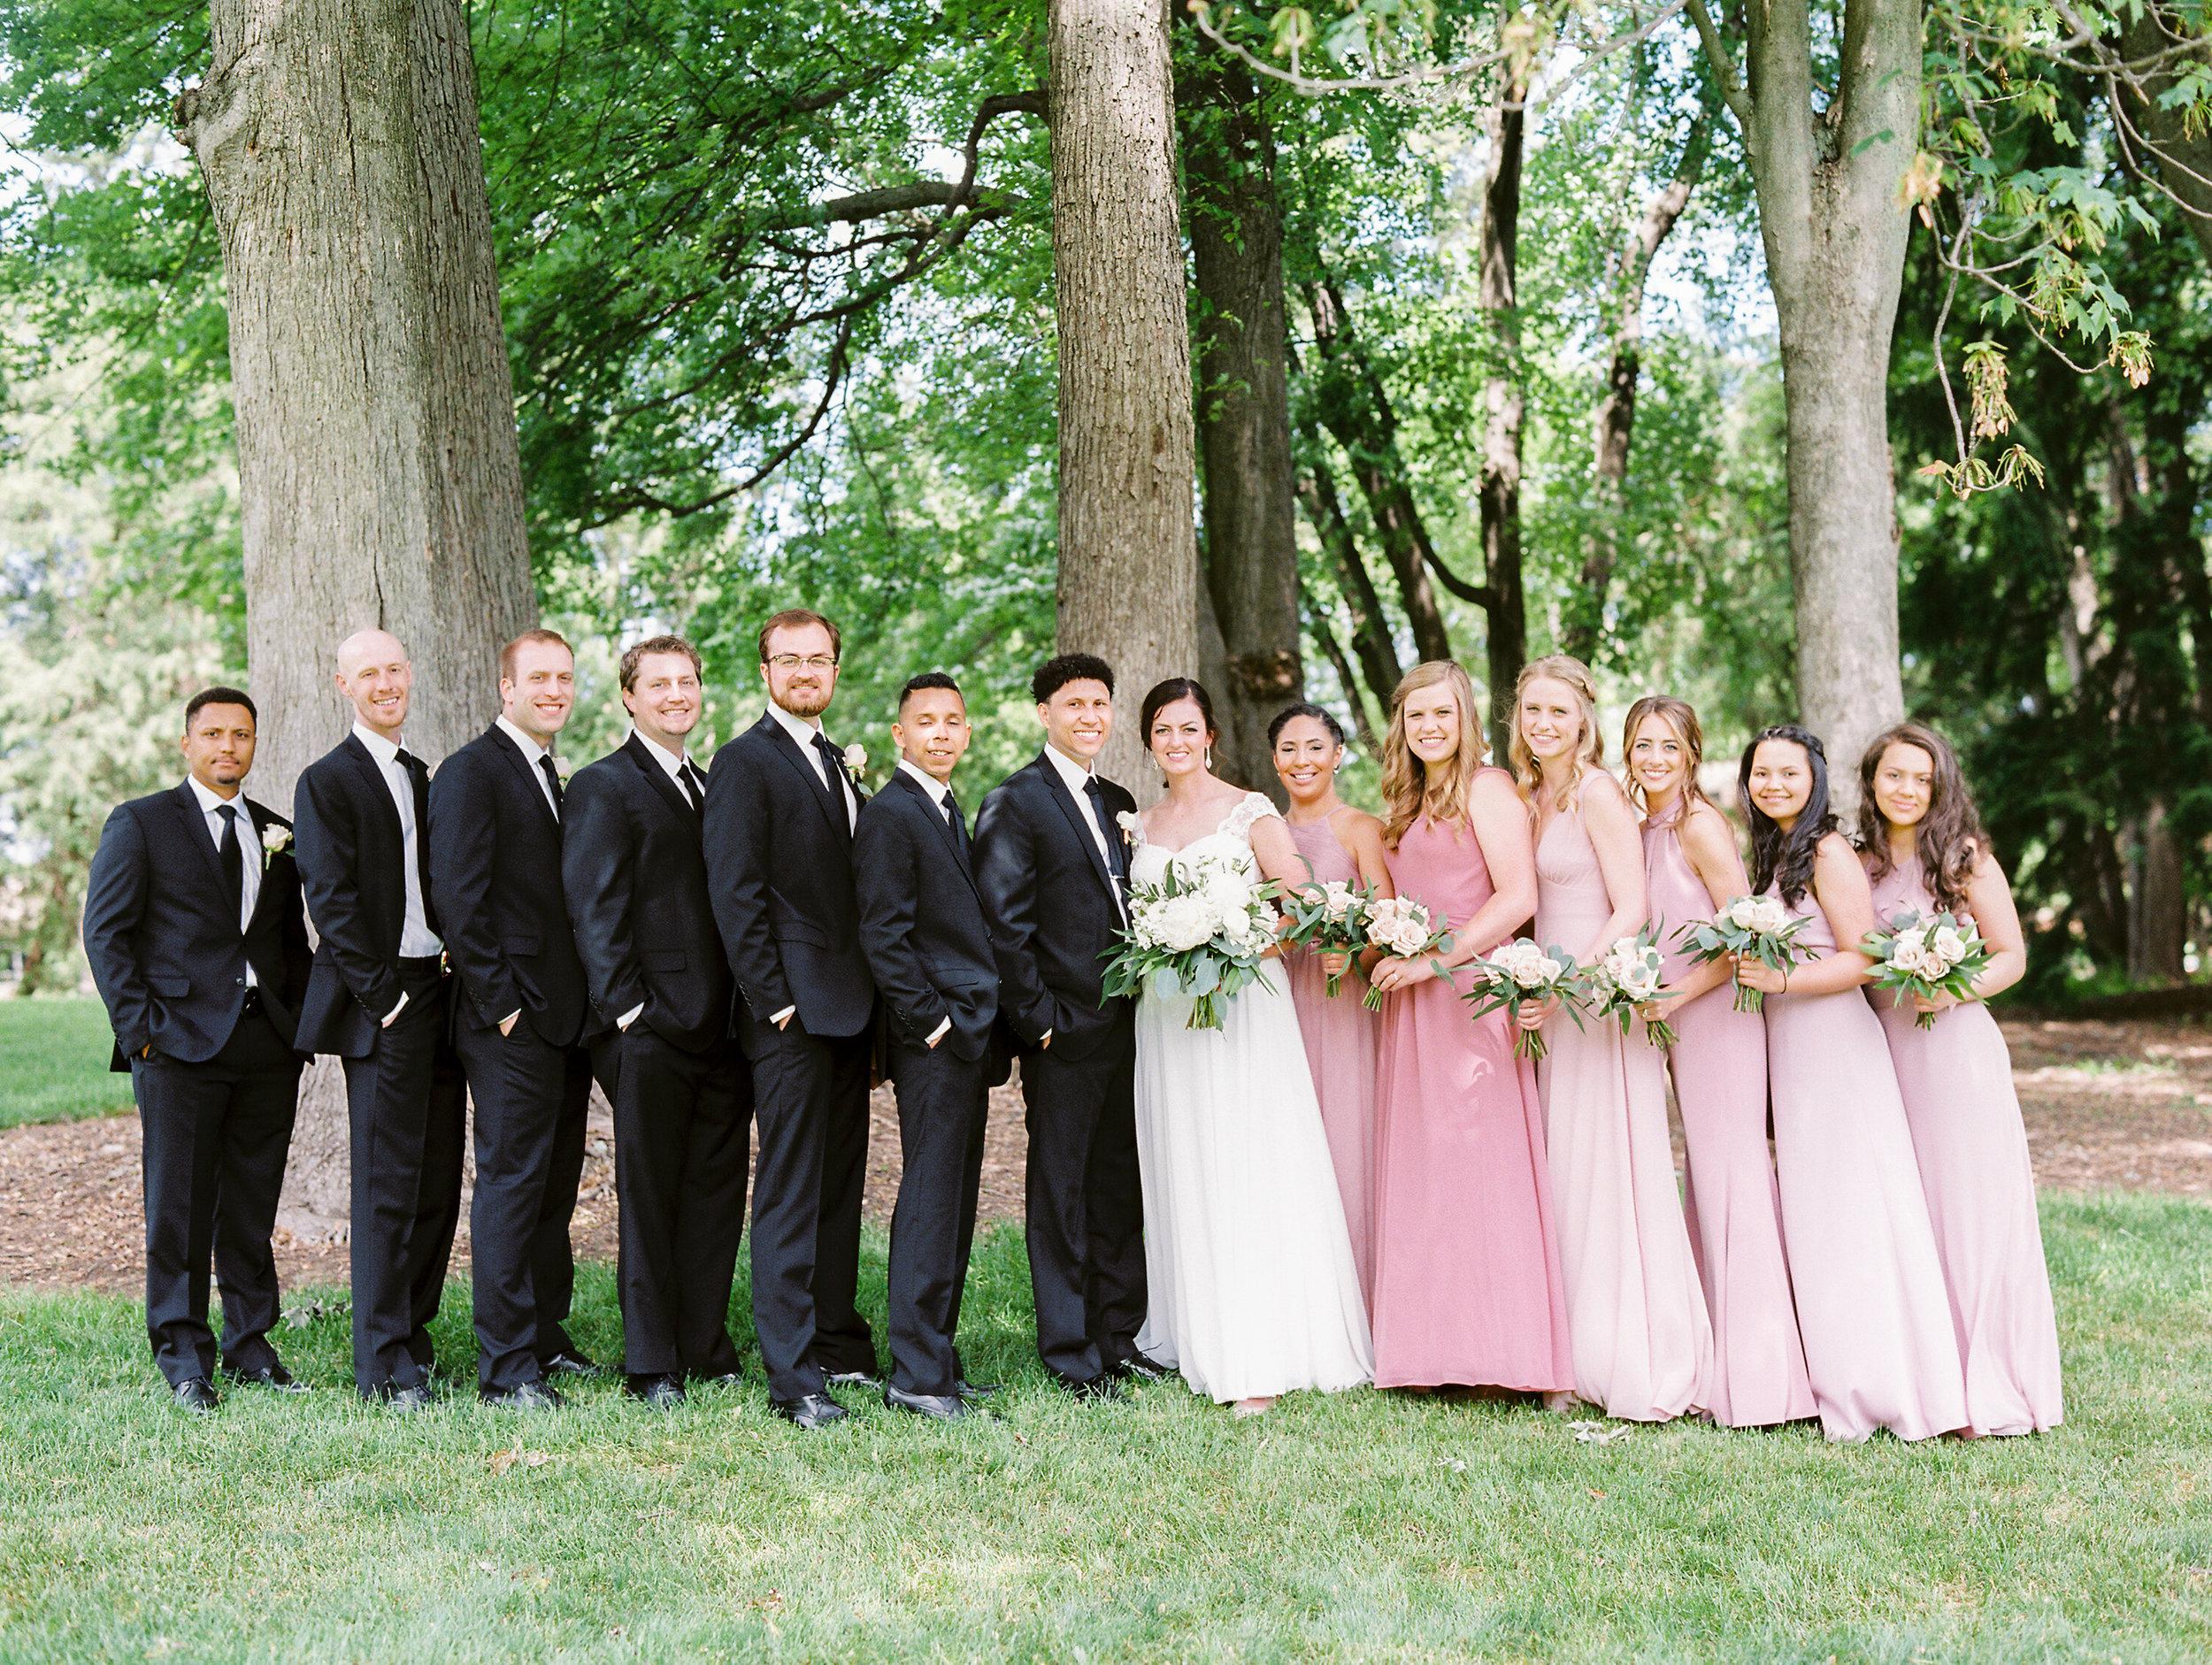 Julius+Wedding+BridalPartyf-50.jpg